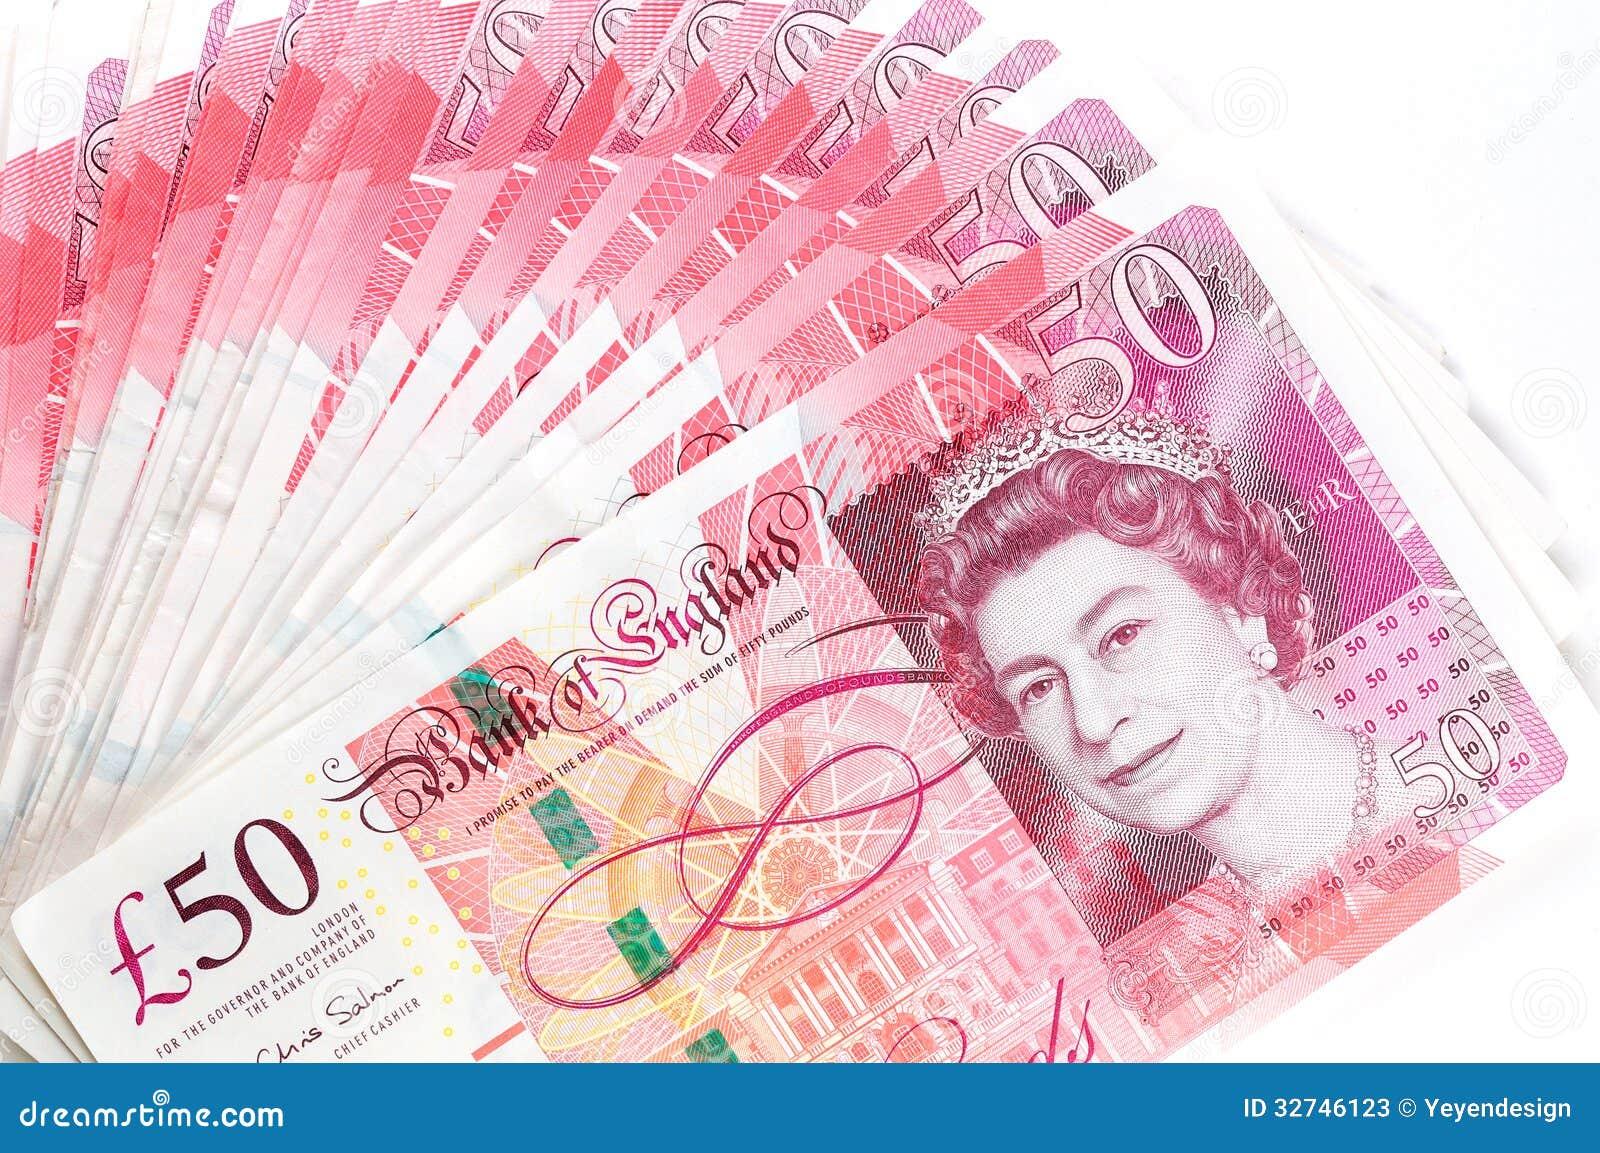 50 Billetes De Banco De La Libra Esterlina Foto De Archivo Editorial Imagen De Britain Dinero 32746123